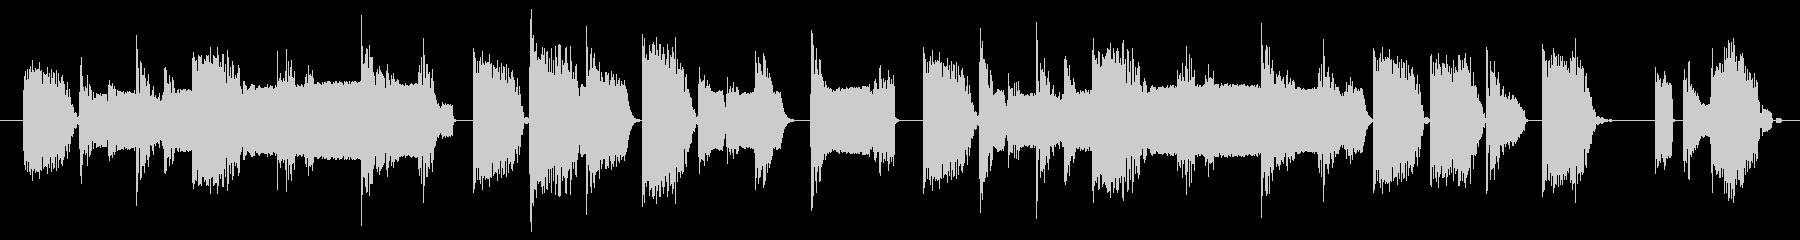 【ループ】ロボット/ゲーム/リザルトの未再生の波形